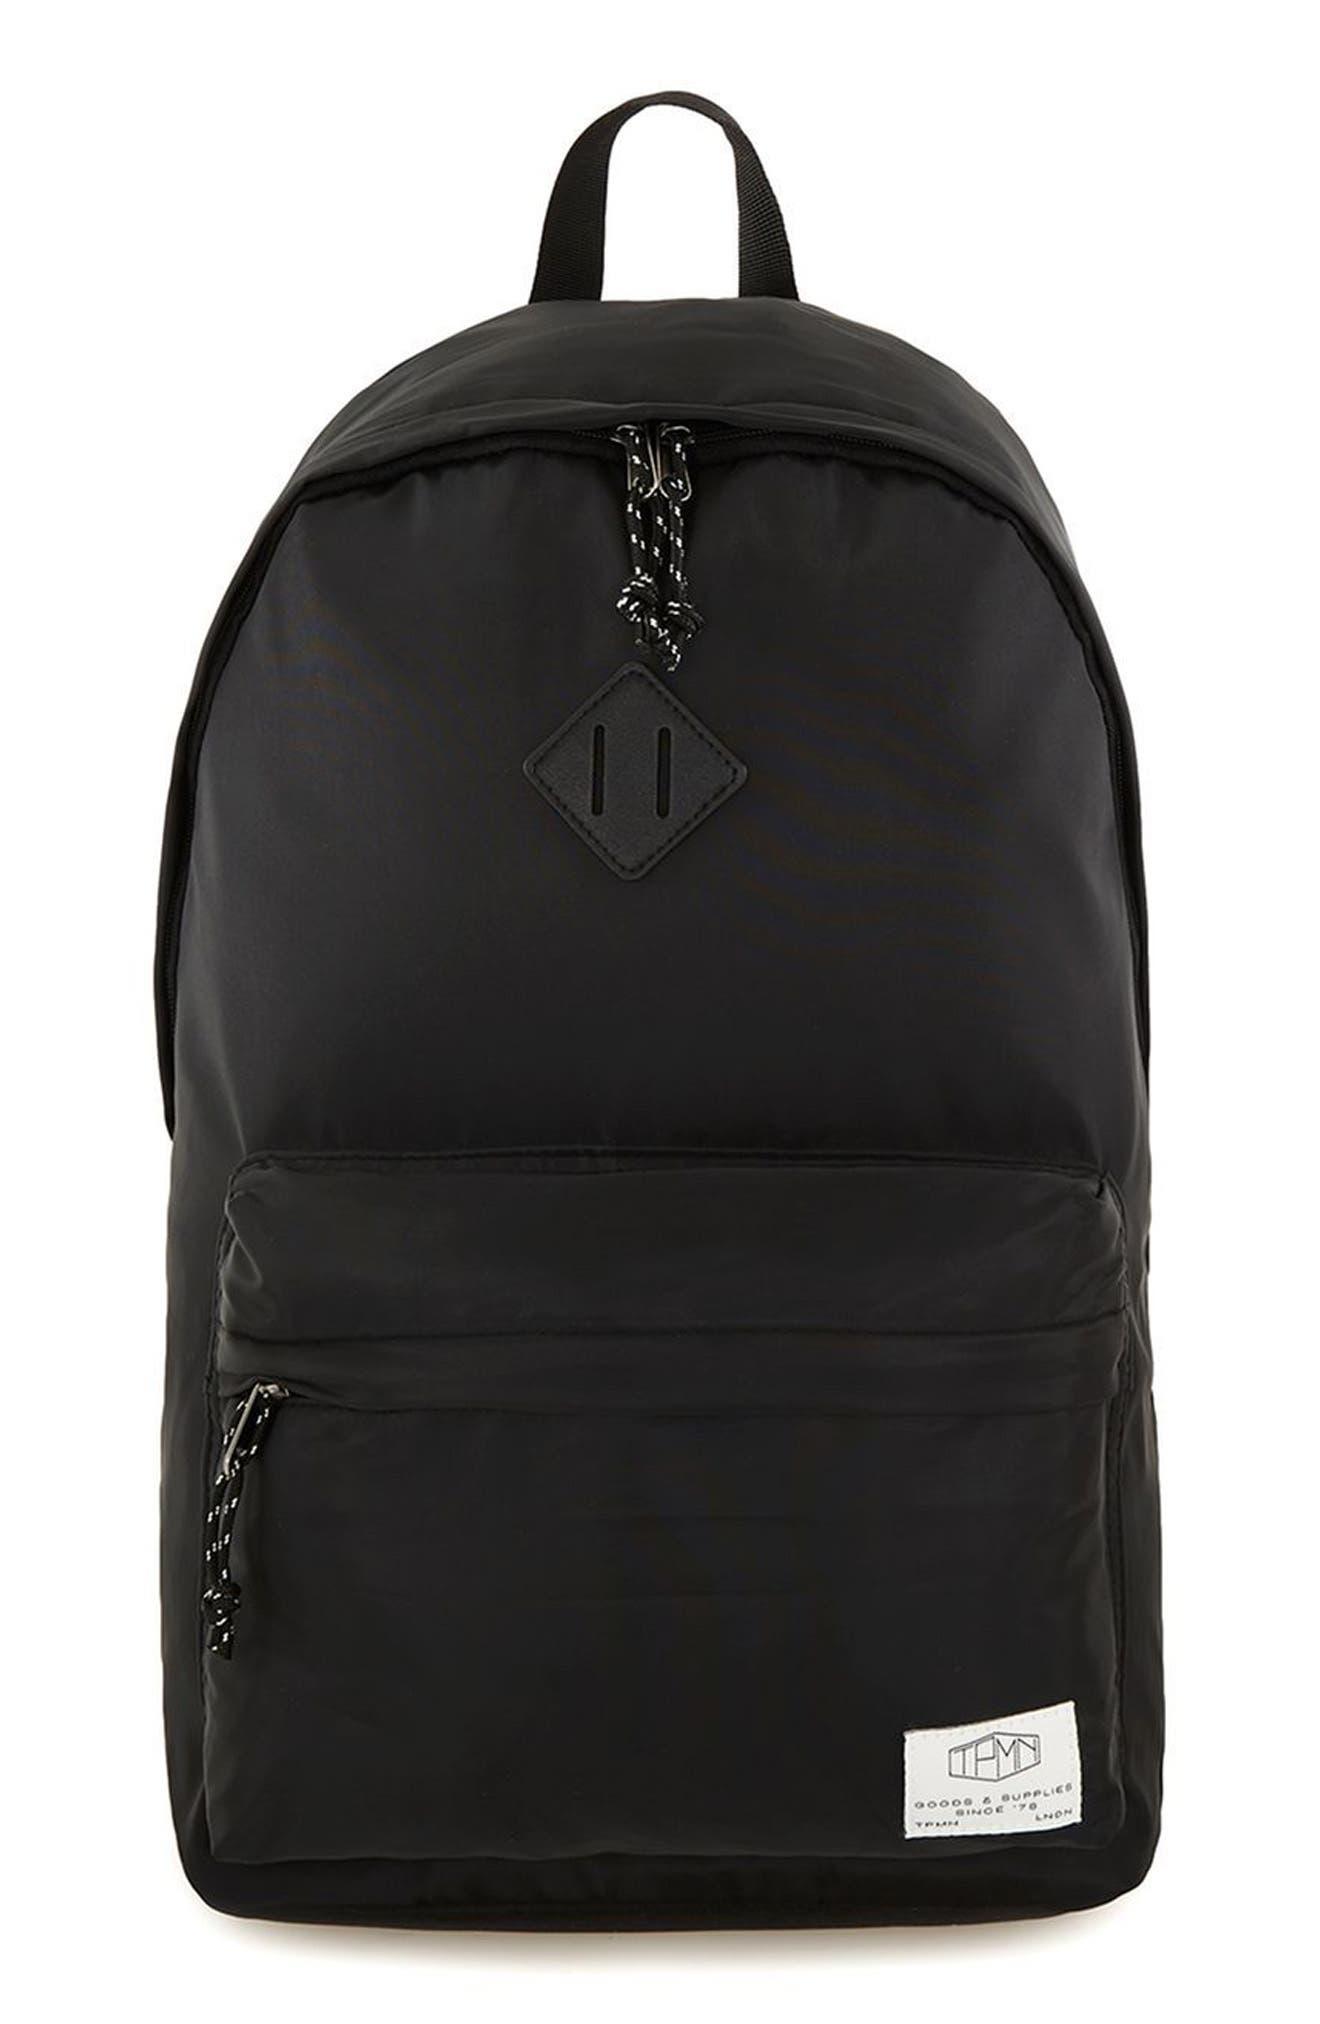 Ripstop Backpack,                             Main thumbnail 1, color,                             Black